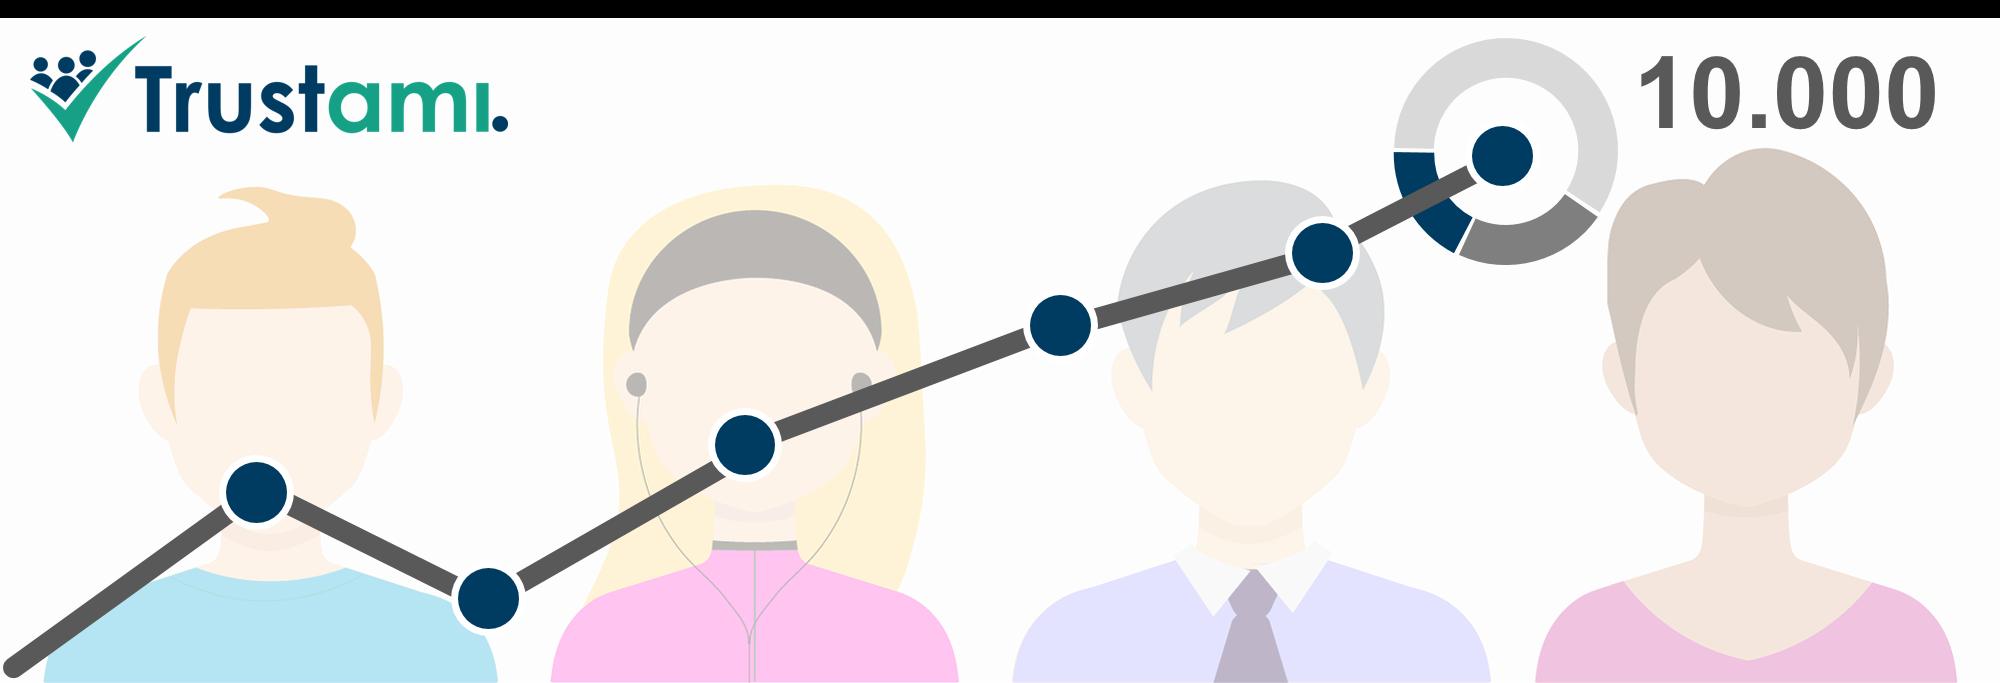 Beitragsbild Trustami Wachstum auf 10000 Kunden